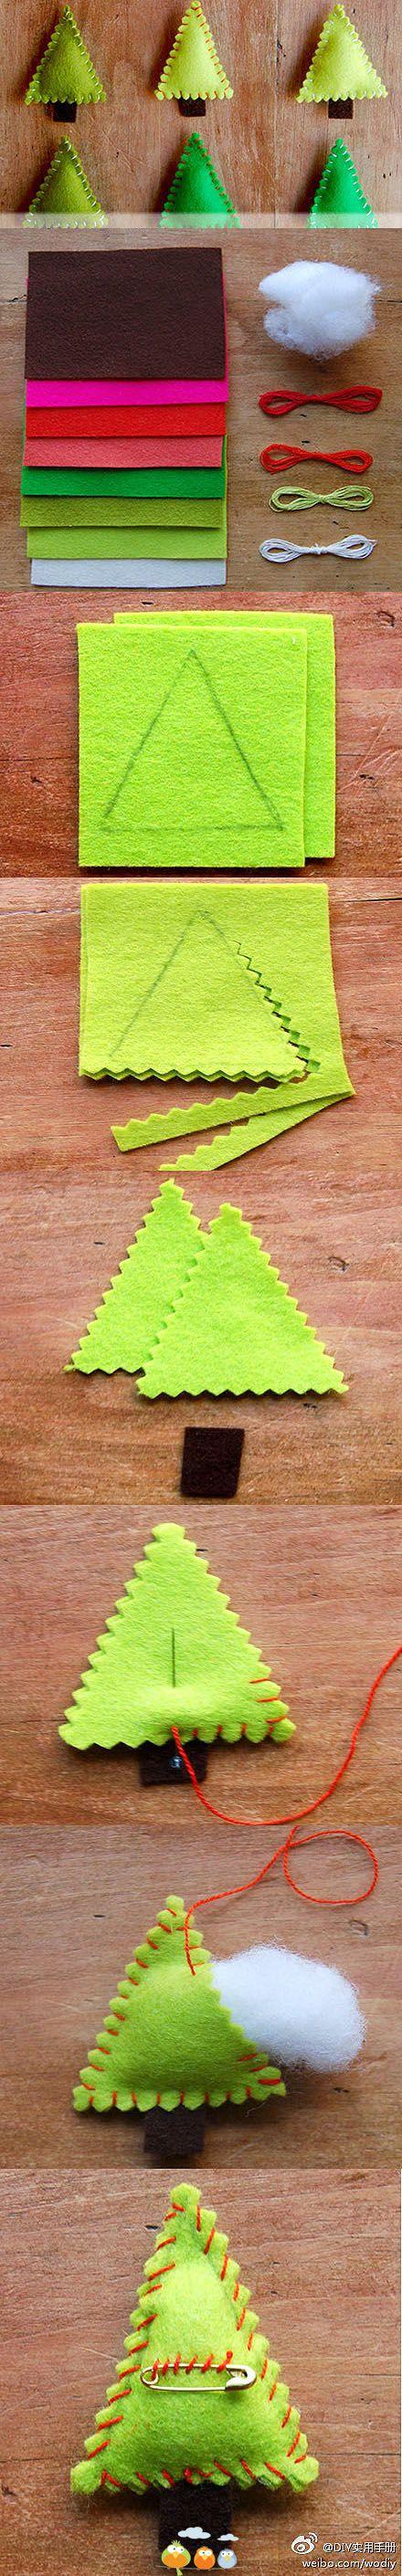 ≡ use edging scissors for zig zag effect for Felt Christmas Tree ornament